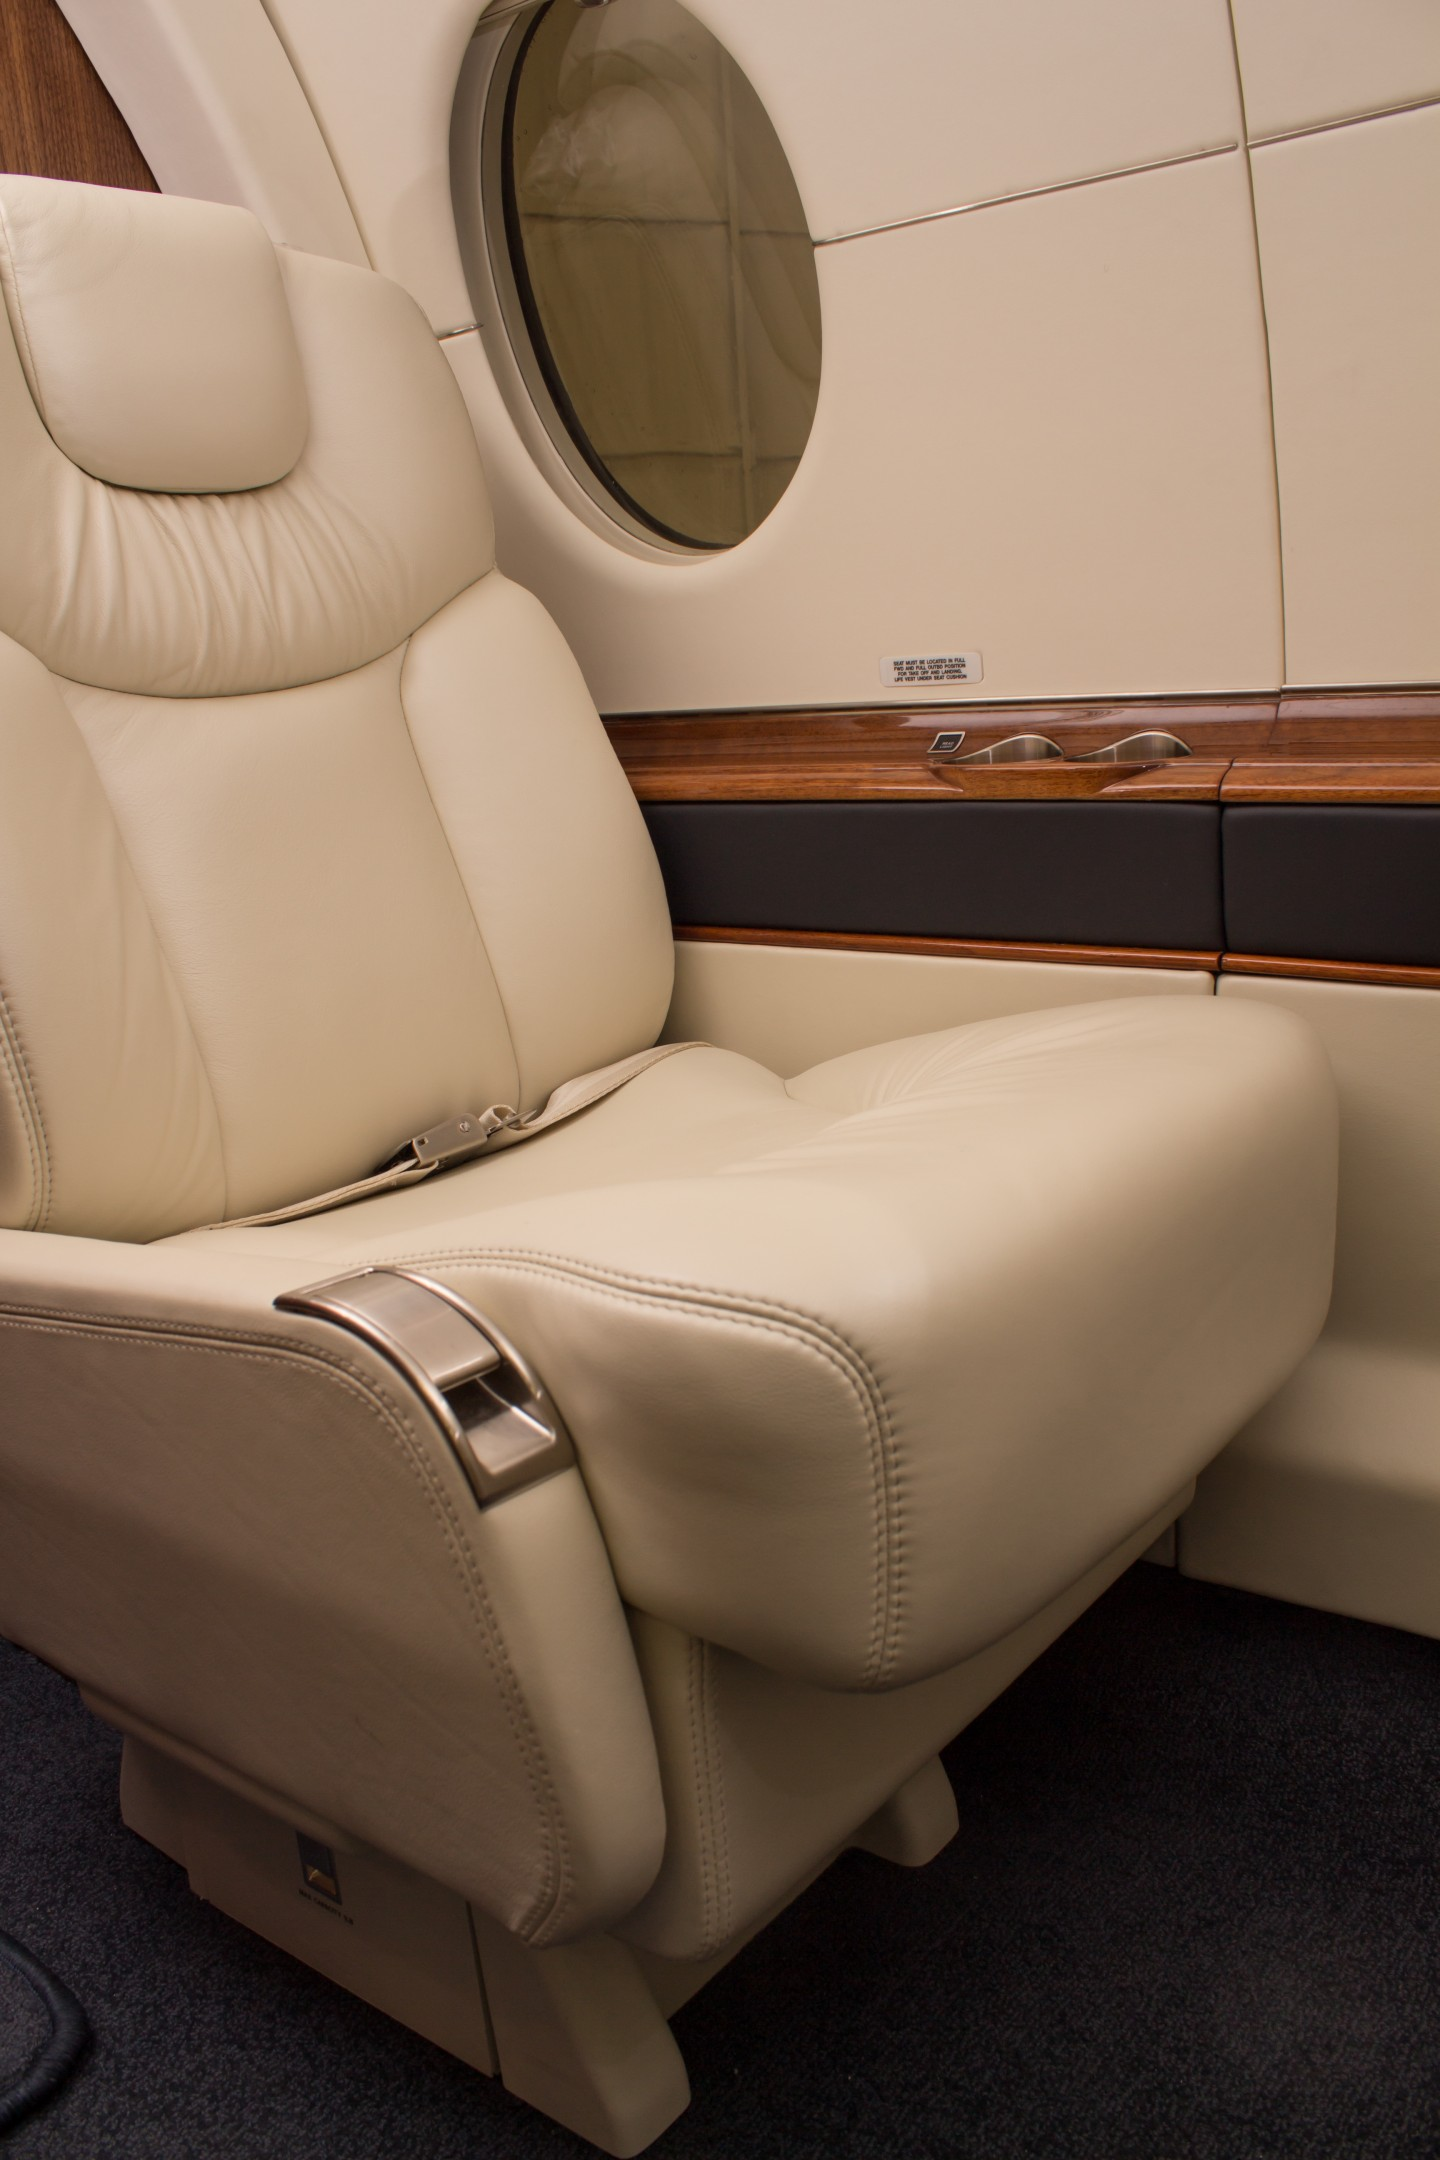 Beechjet Interior